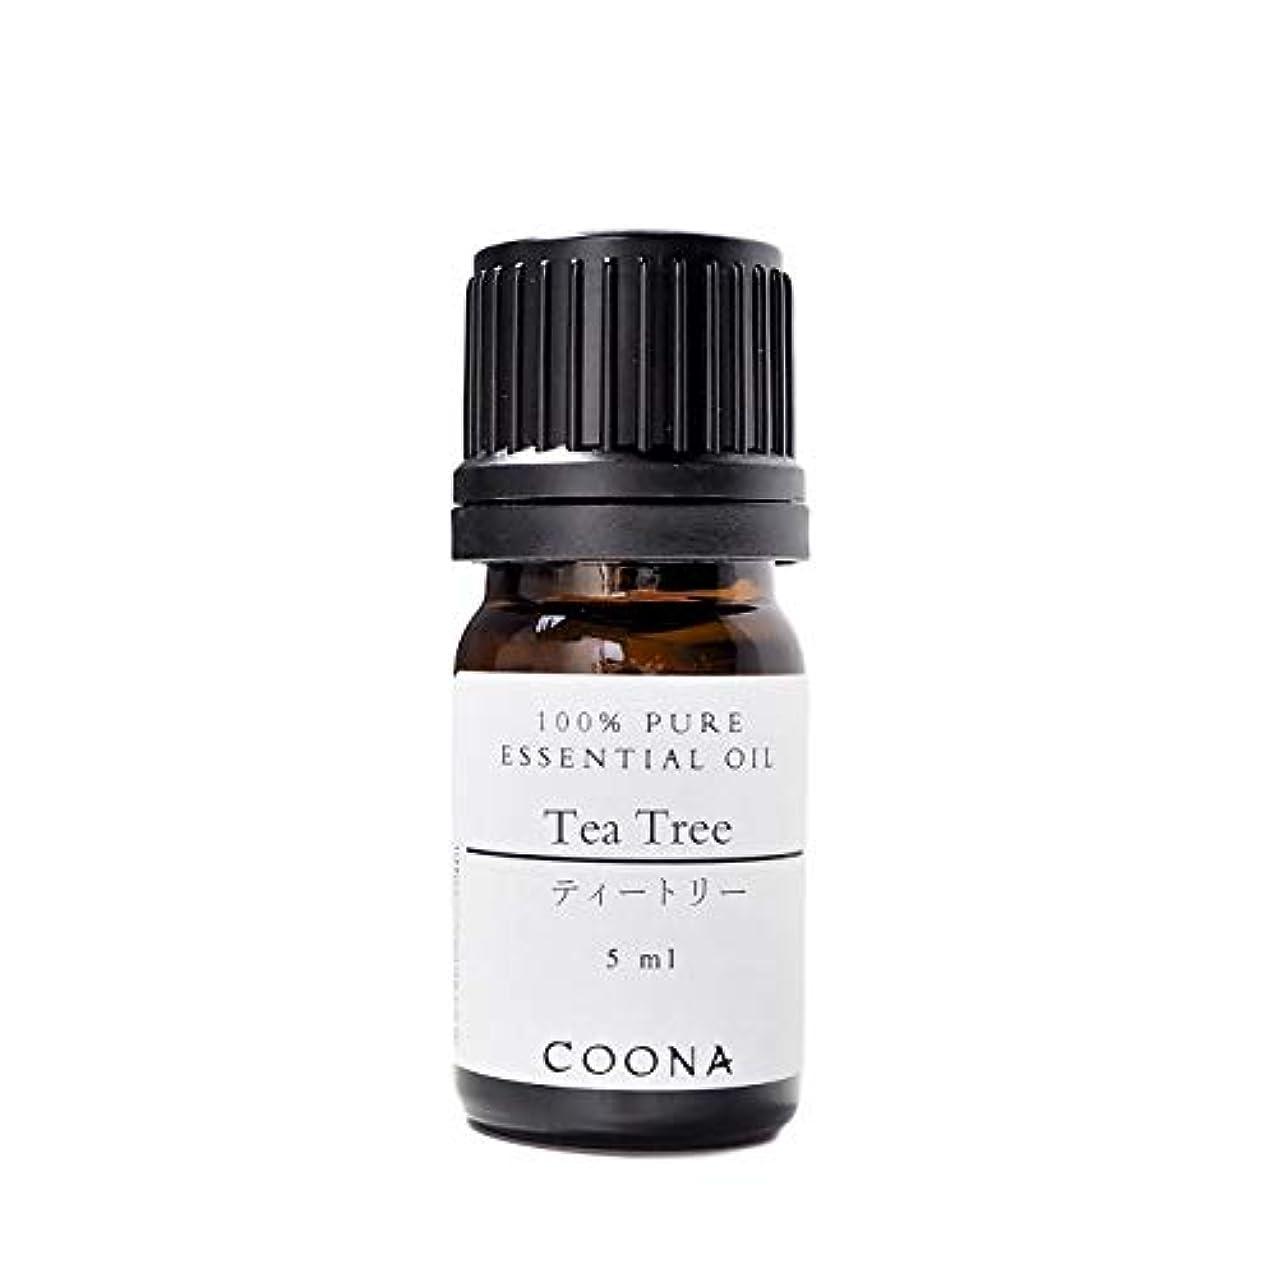 マッサージどこか預言者ティートリー 5 ml (COONA エッセンシャルオイル アロマオイル 100%天然植物精油)